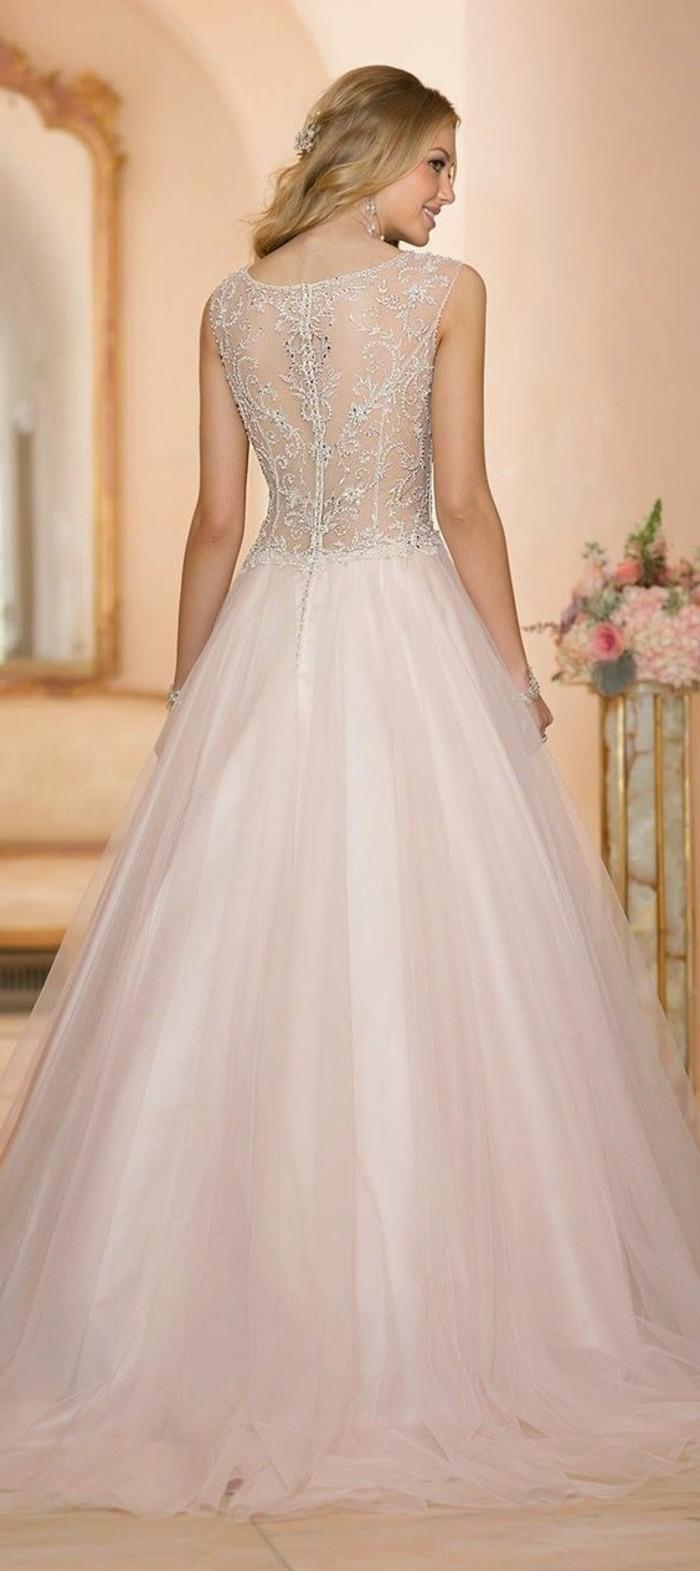 Brautkleid mit herrlichen Rüschen: schlicht und extravagant zugleich